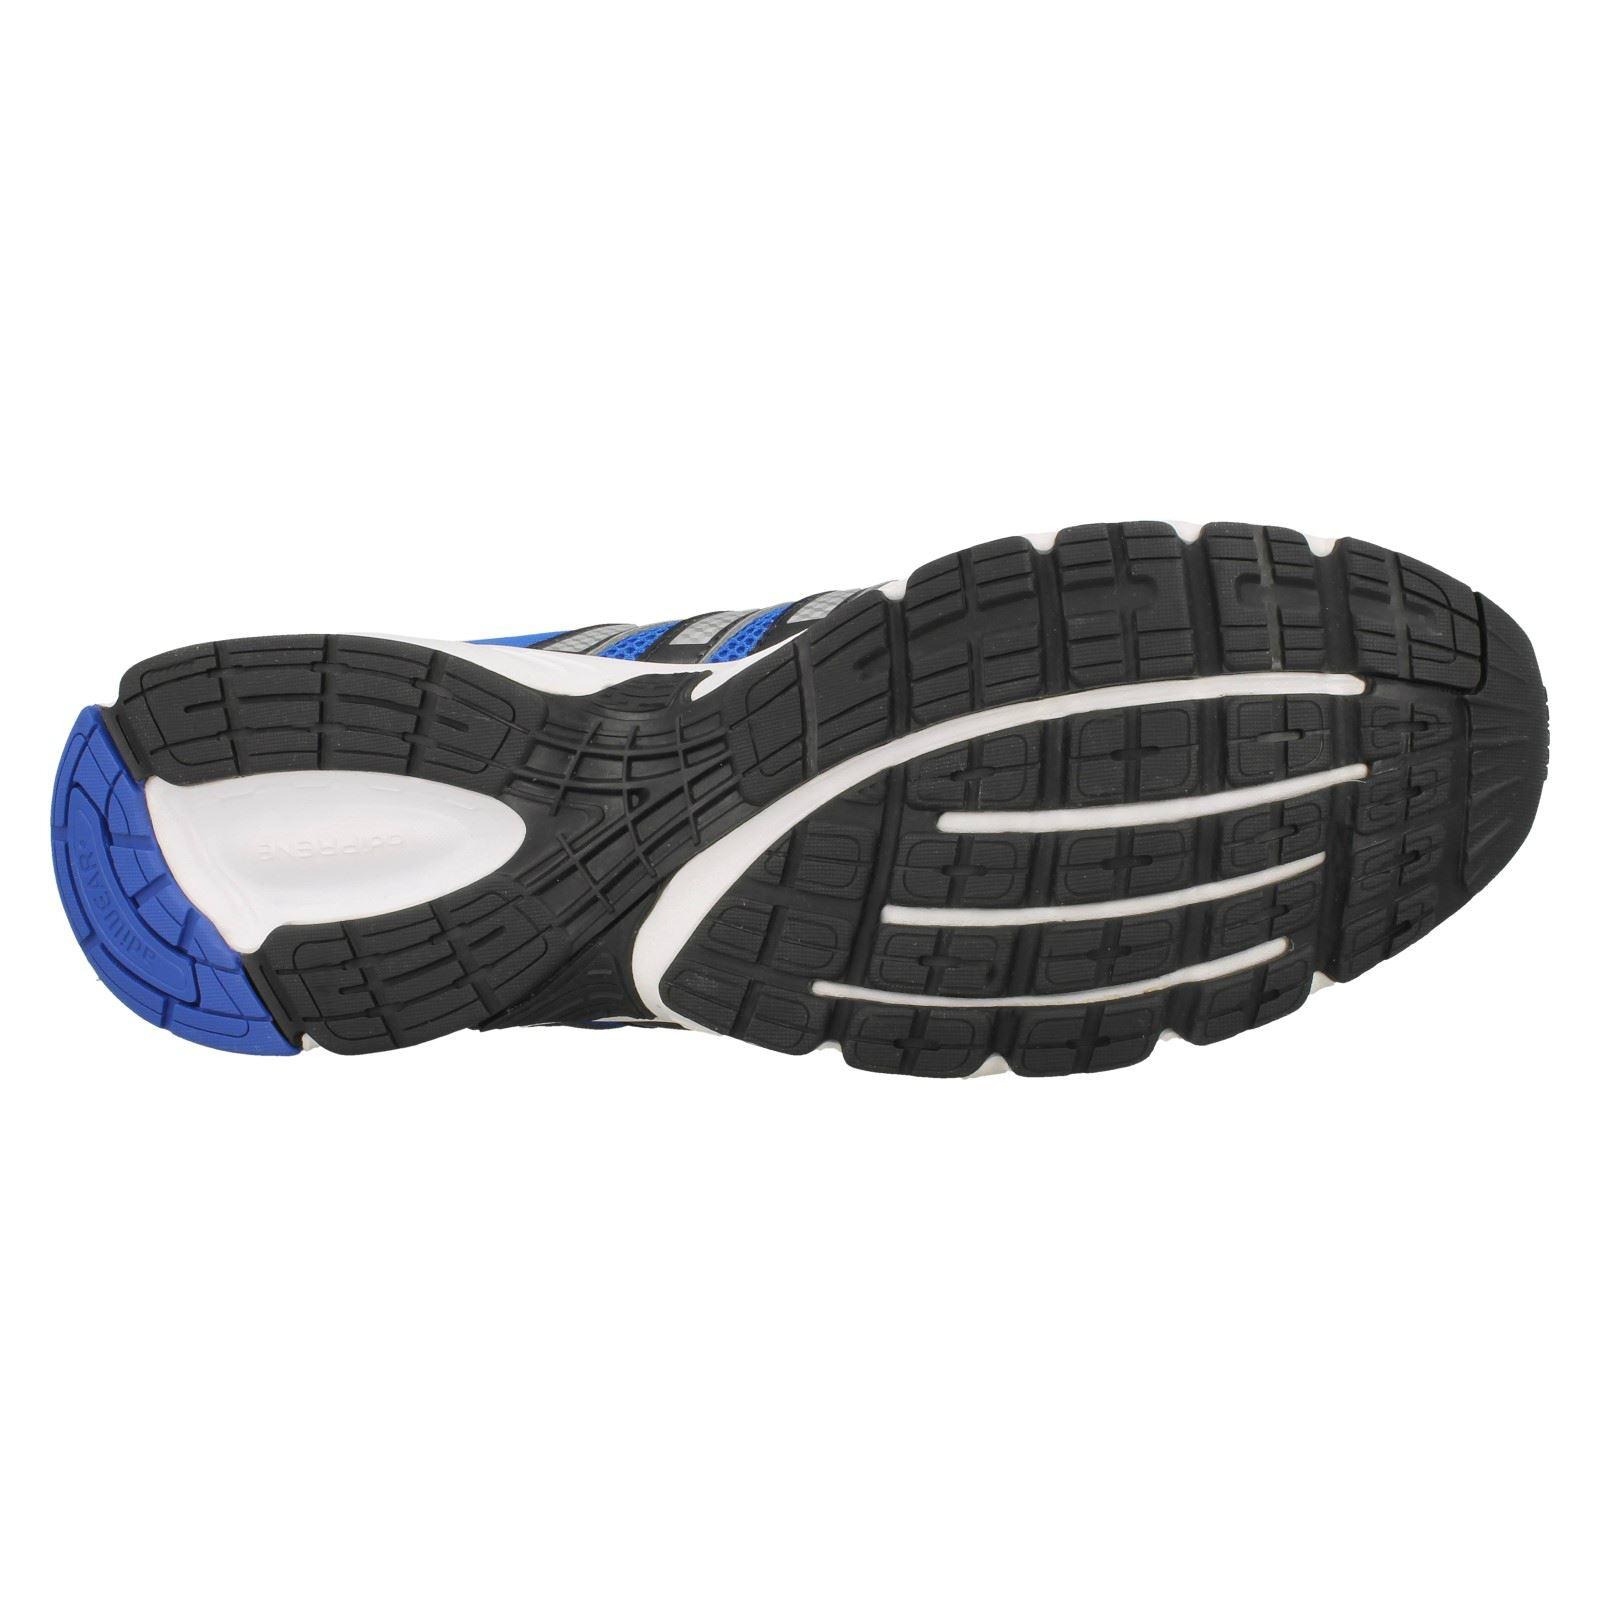 bei läuft adidas schuhe schnüren befestigung läuft bei trainer - duramo 4m